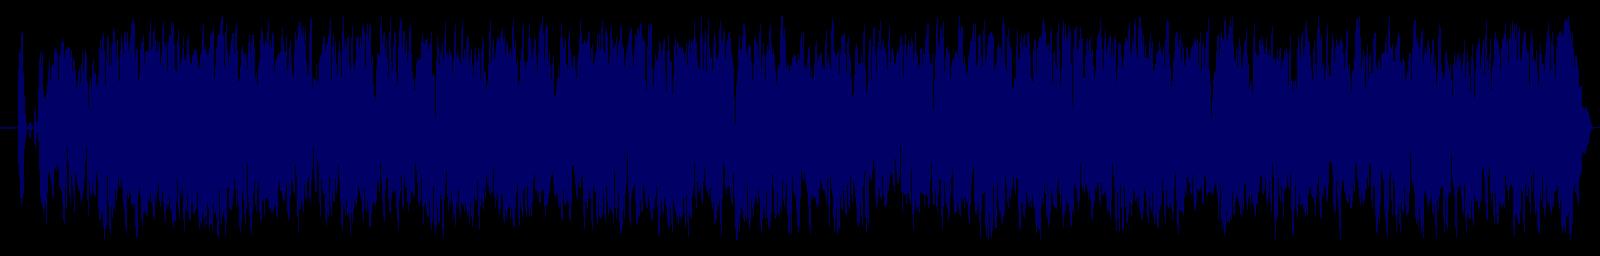 waveform of track #154925